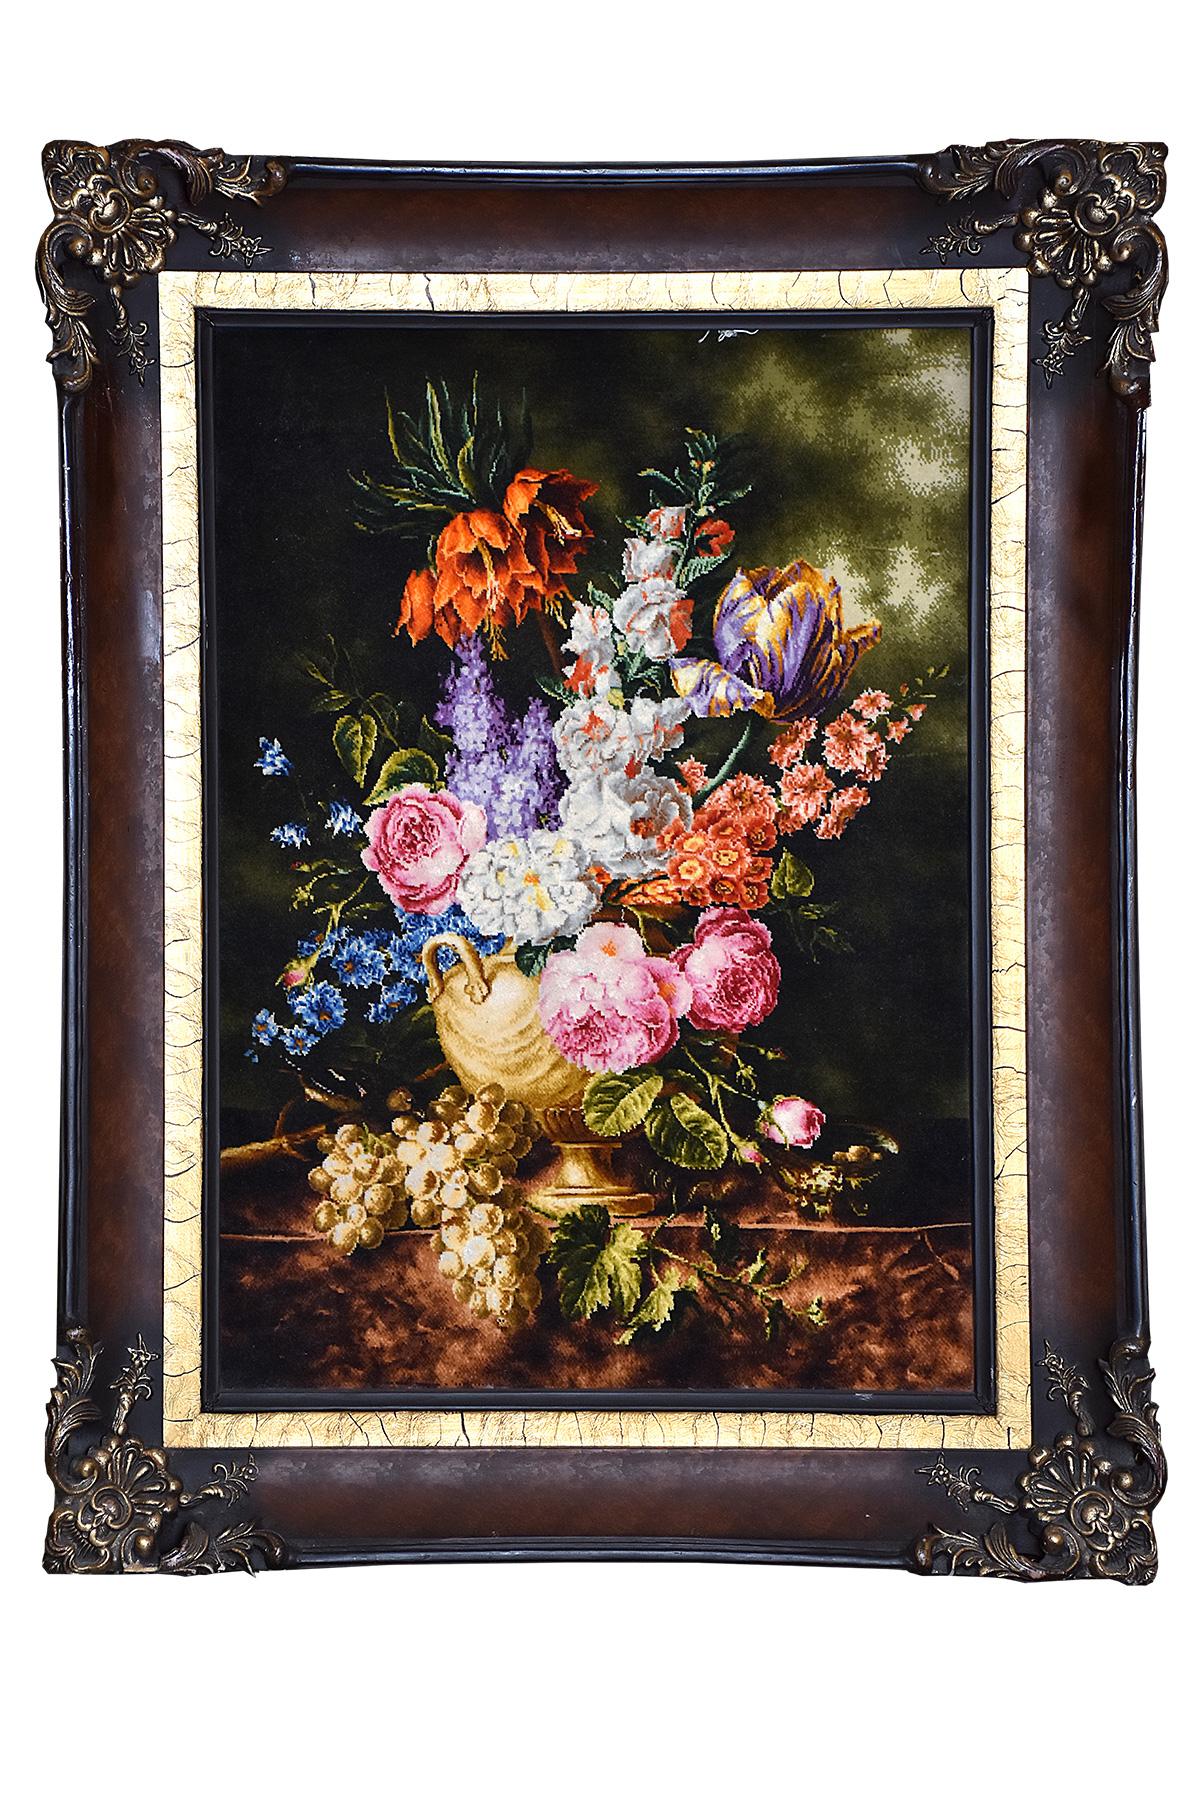 تابلو فرش دستباف گلدان و خوشه انگور اثر استاد بیگی